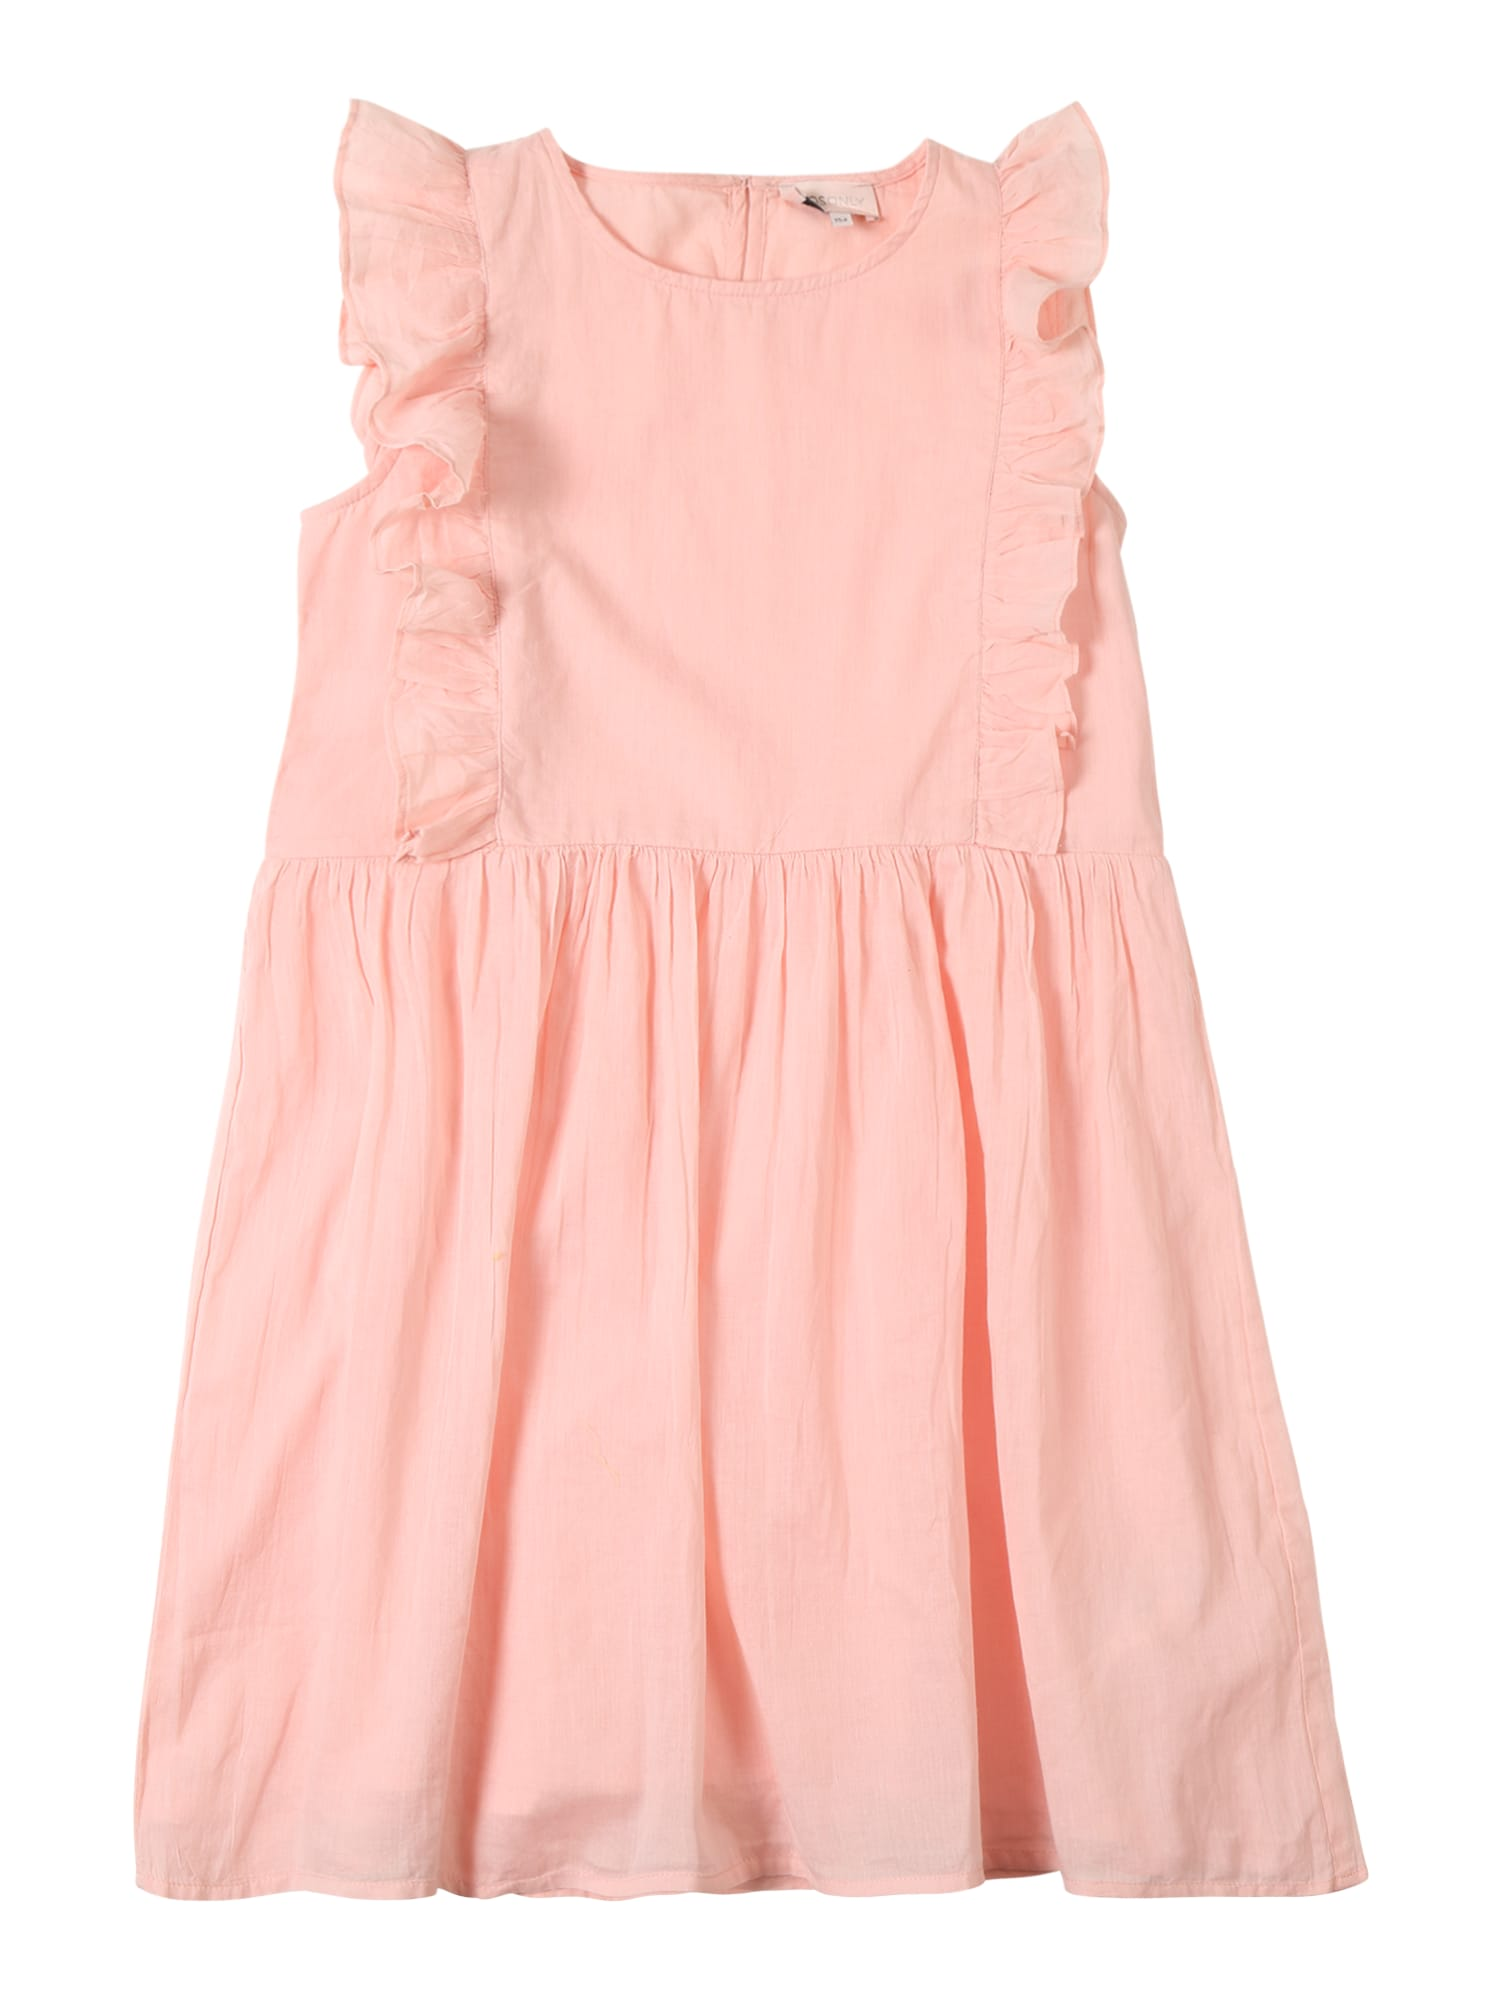 Šaty konELLA FRILL DRESS růže KIDS ONLY